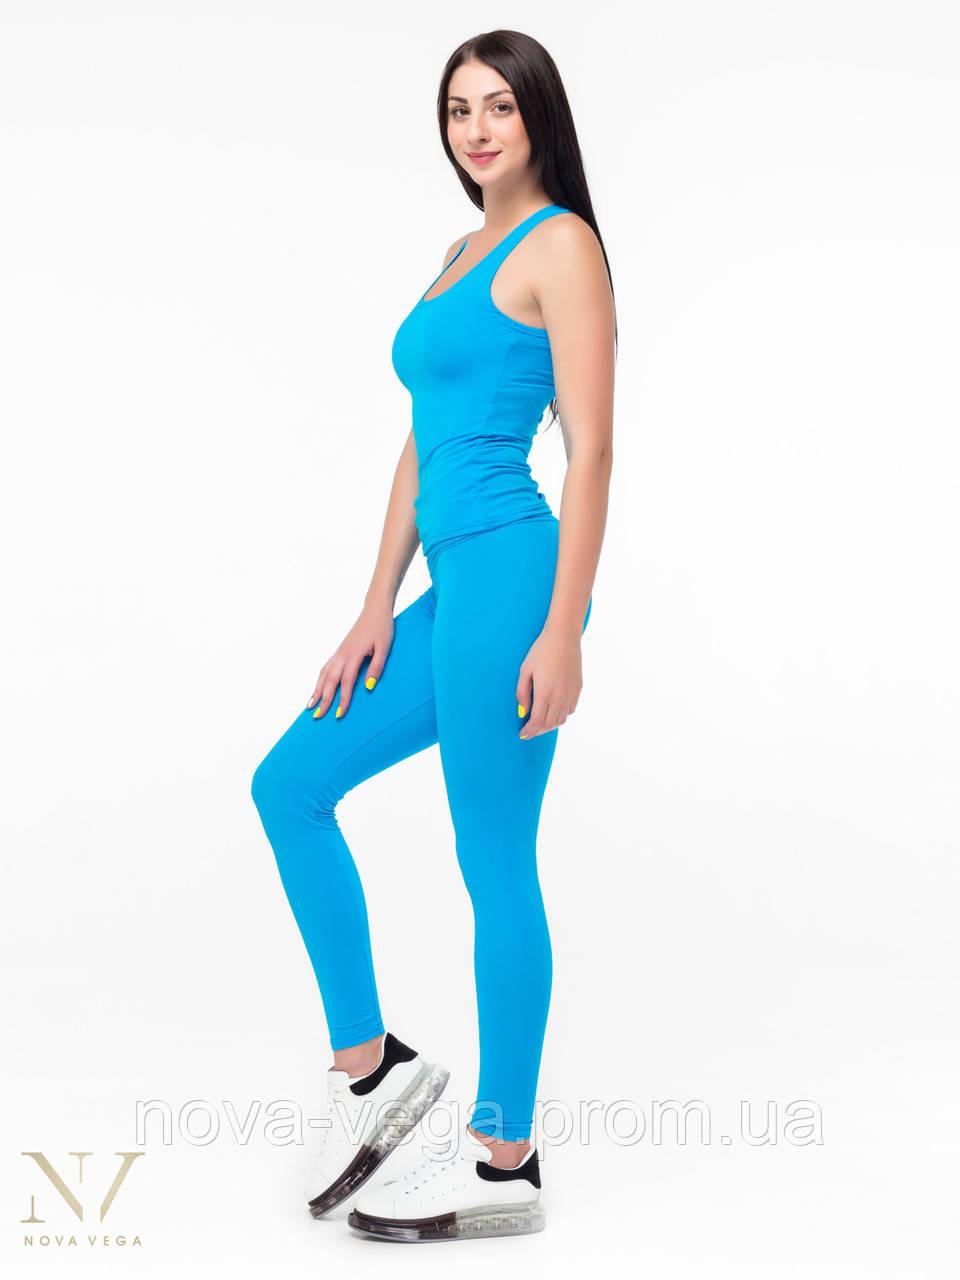 Спортивные Женские Лосины Nova Vega Classic Blue Высокий Пояс